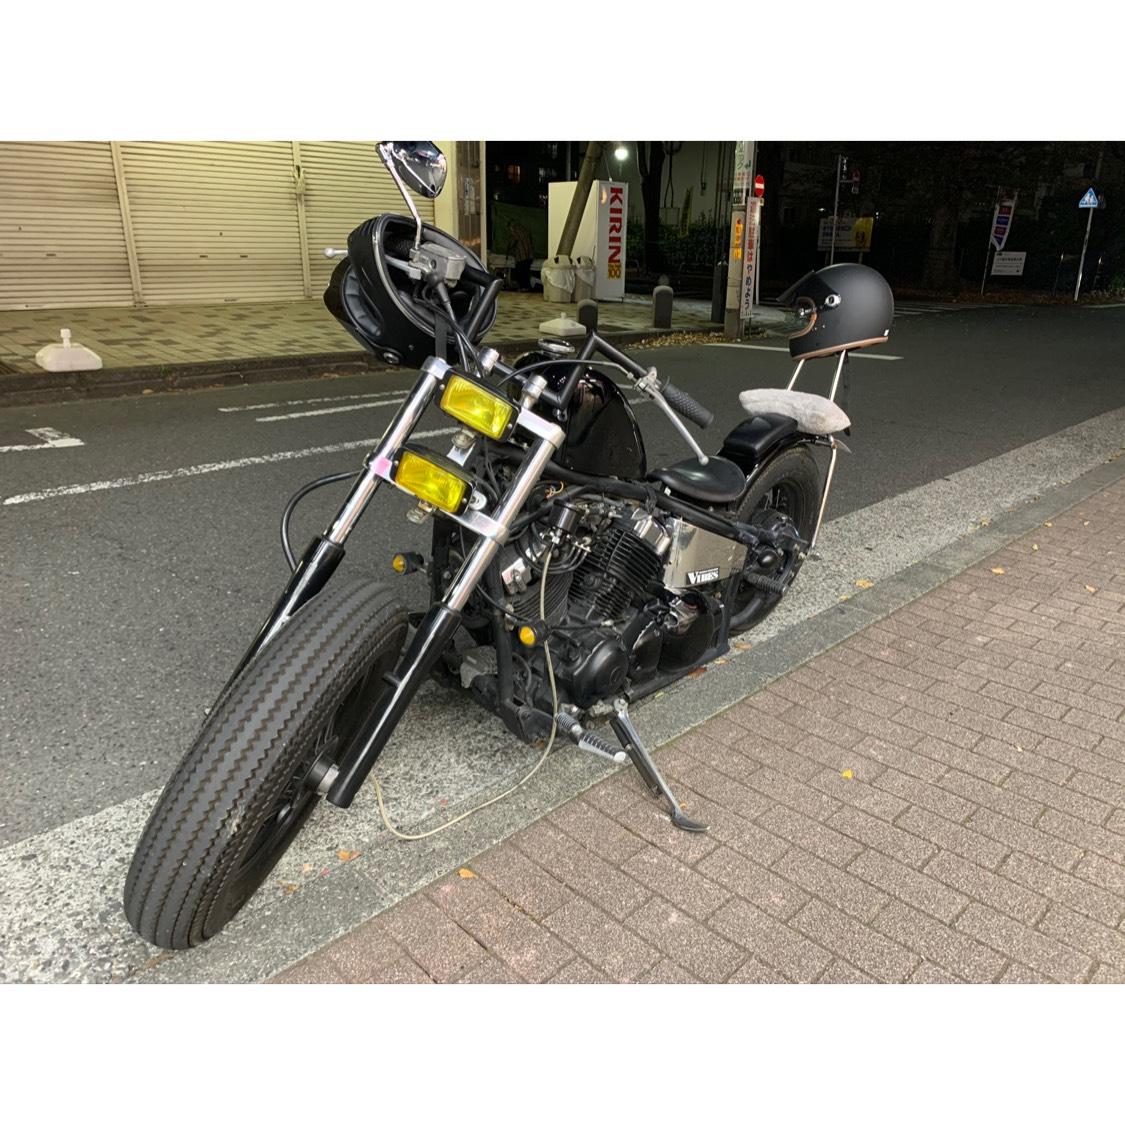 【値引可】ドラッグスター400 フルカスタム